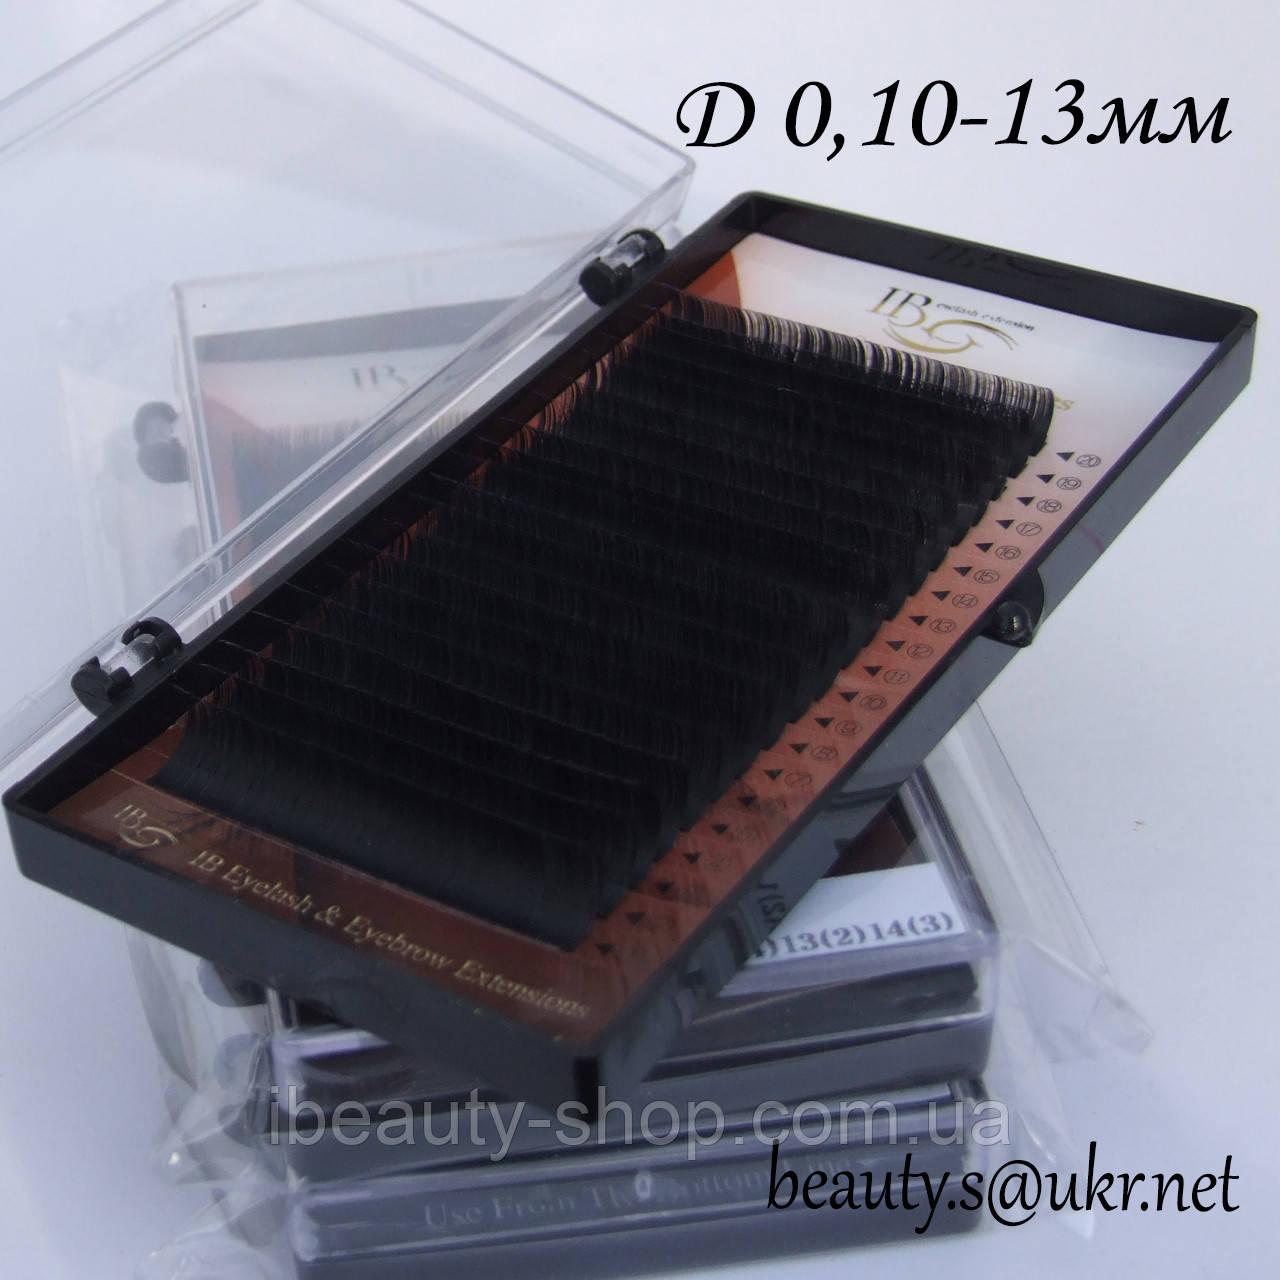 Вії I-Beauty на стрічці D-0,10 13мм